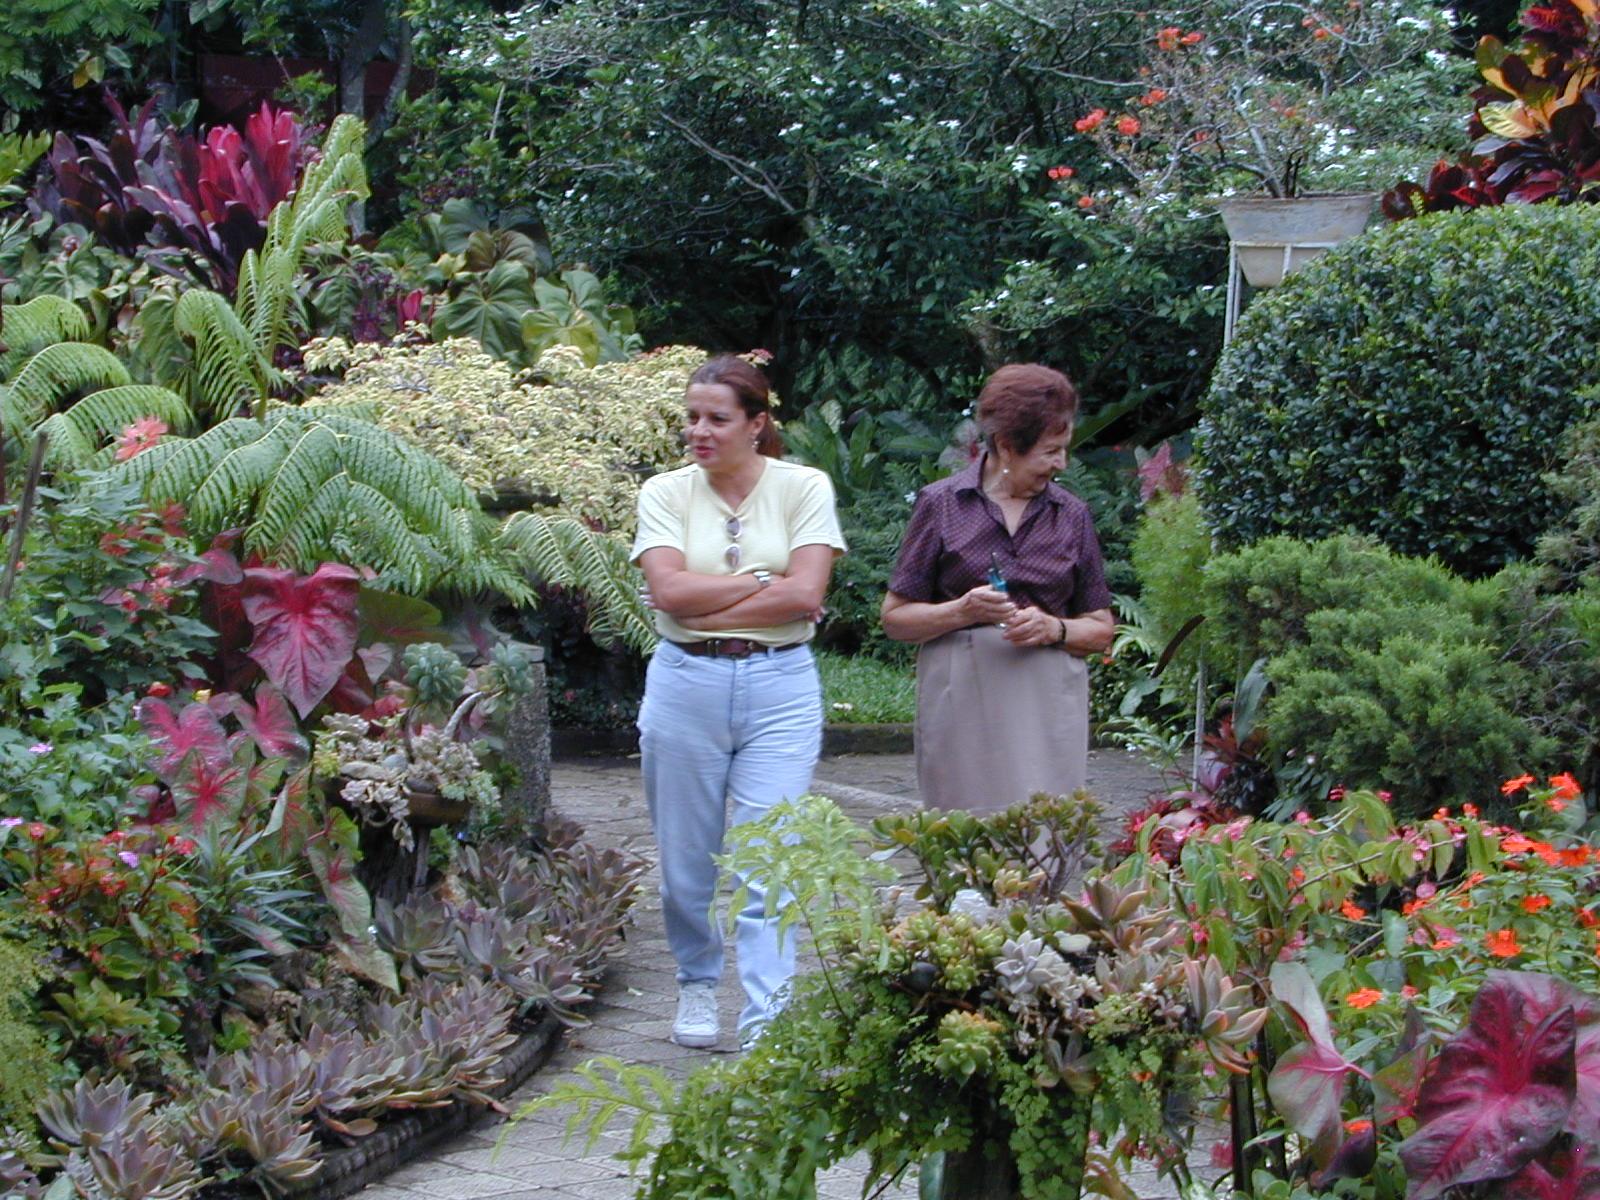 Paisajismo pueblos y jardines febrero 2011 - Jardines y paisajismo ...